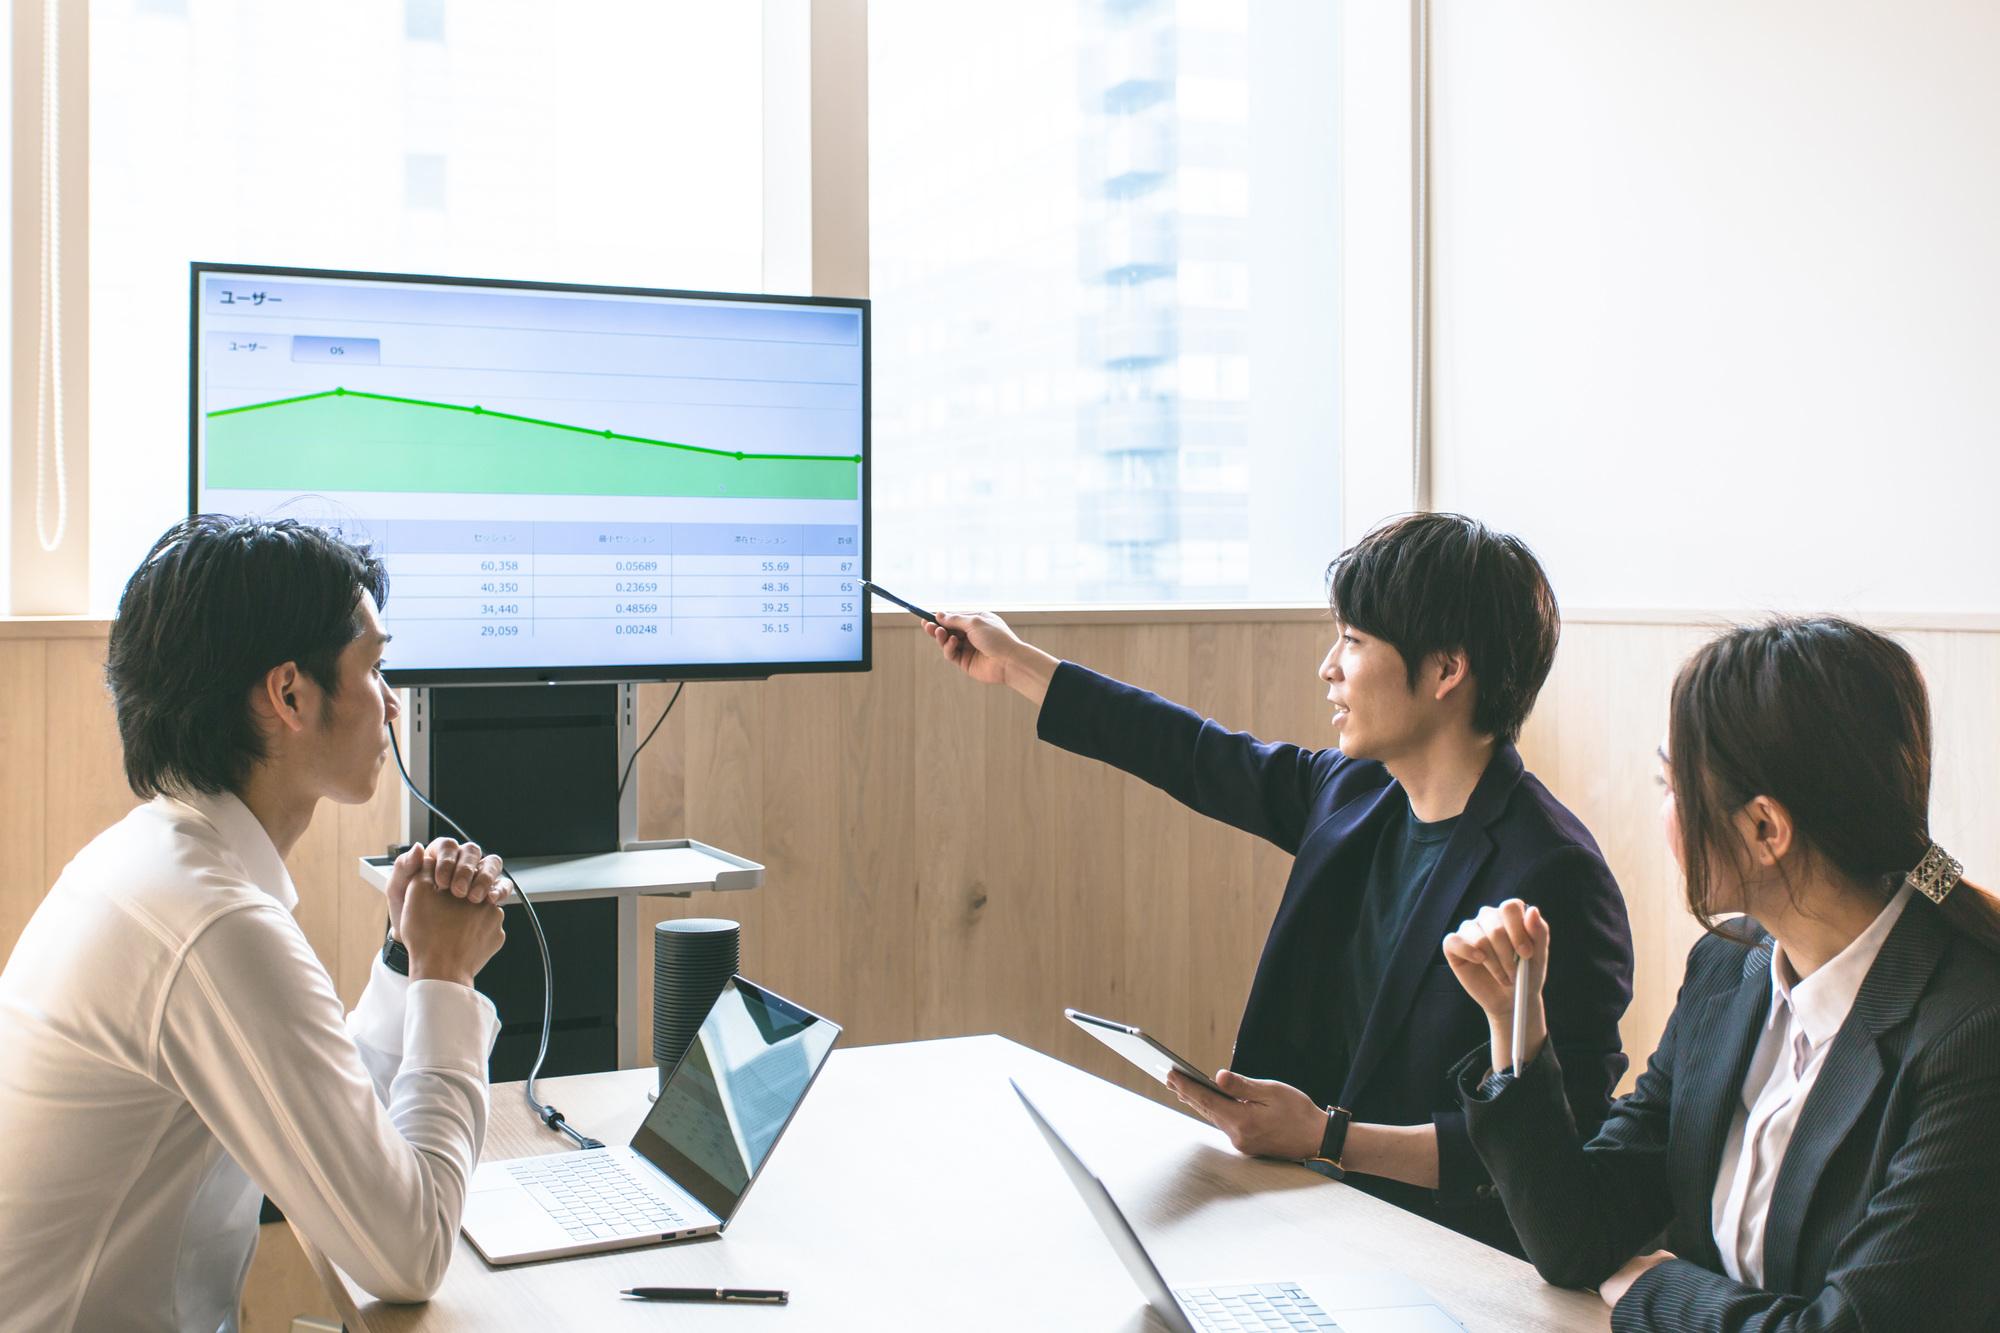 ウェブサイト改善に役立つ、おすすめのアクセス解析ツール6選